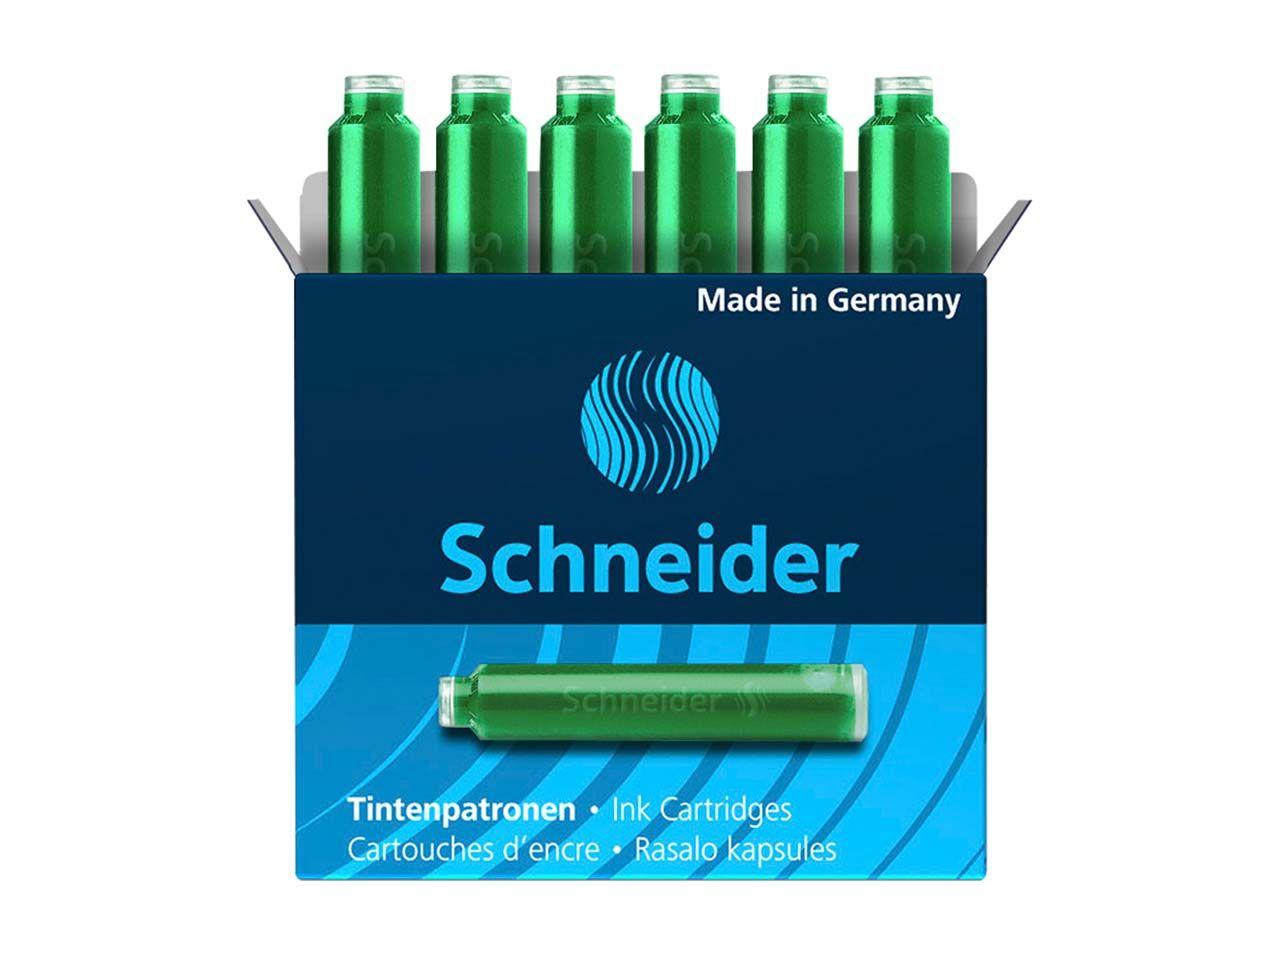 6 Schneider Tintenpatronen 6604 für Füller, grün 50-6604